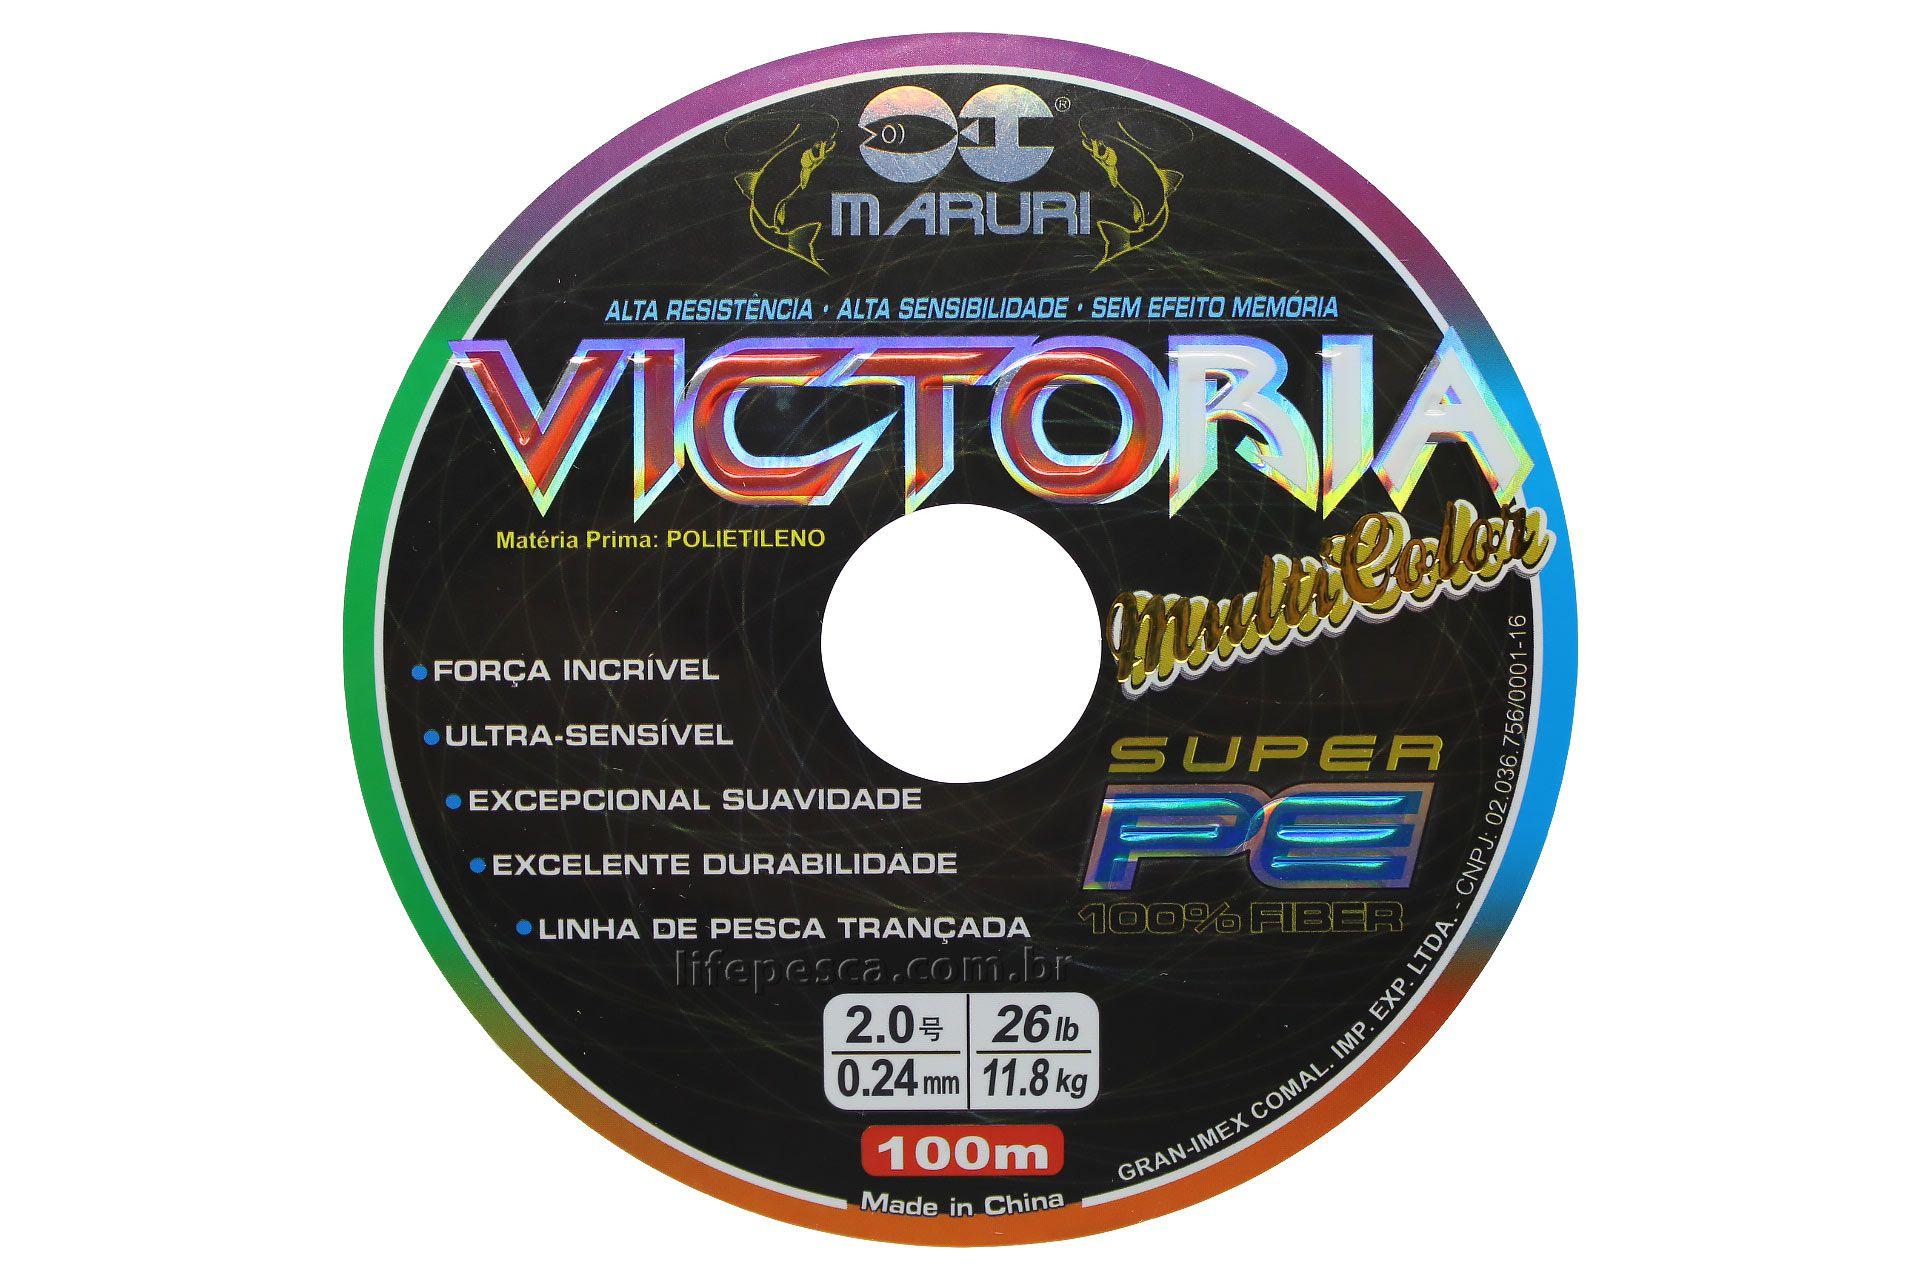 Linha Multifilamento Maruri Victoria 8x Colorida 0,40mm 55lb/25,0kg - 100 Metros  - Life Pesca - Sua loja de Pesca, Camping e Lazer